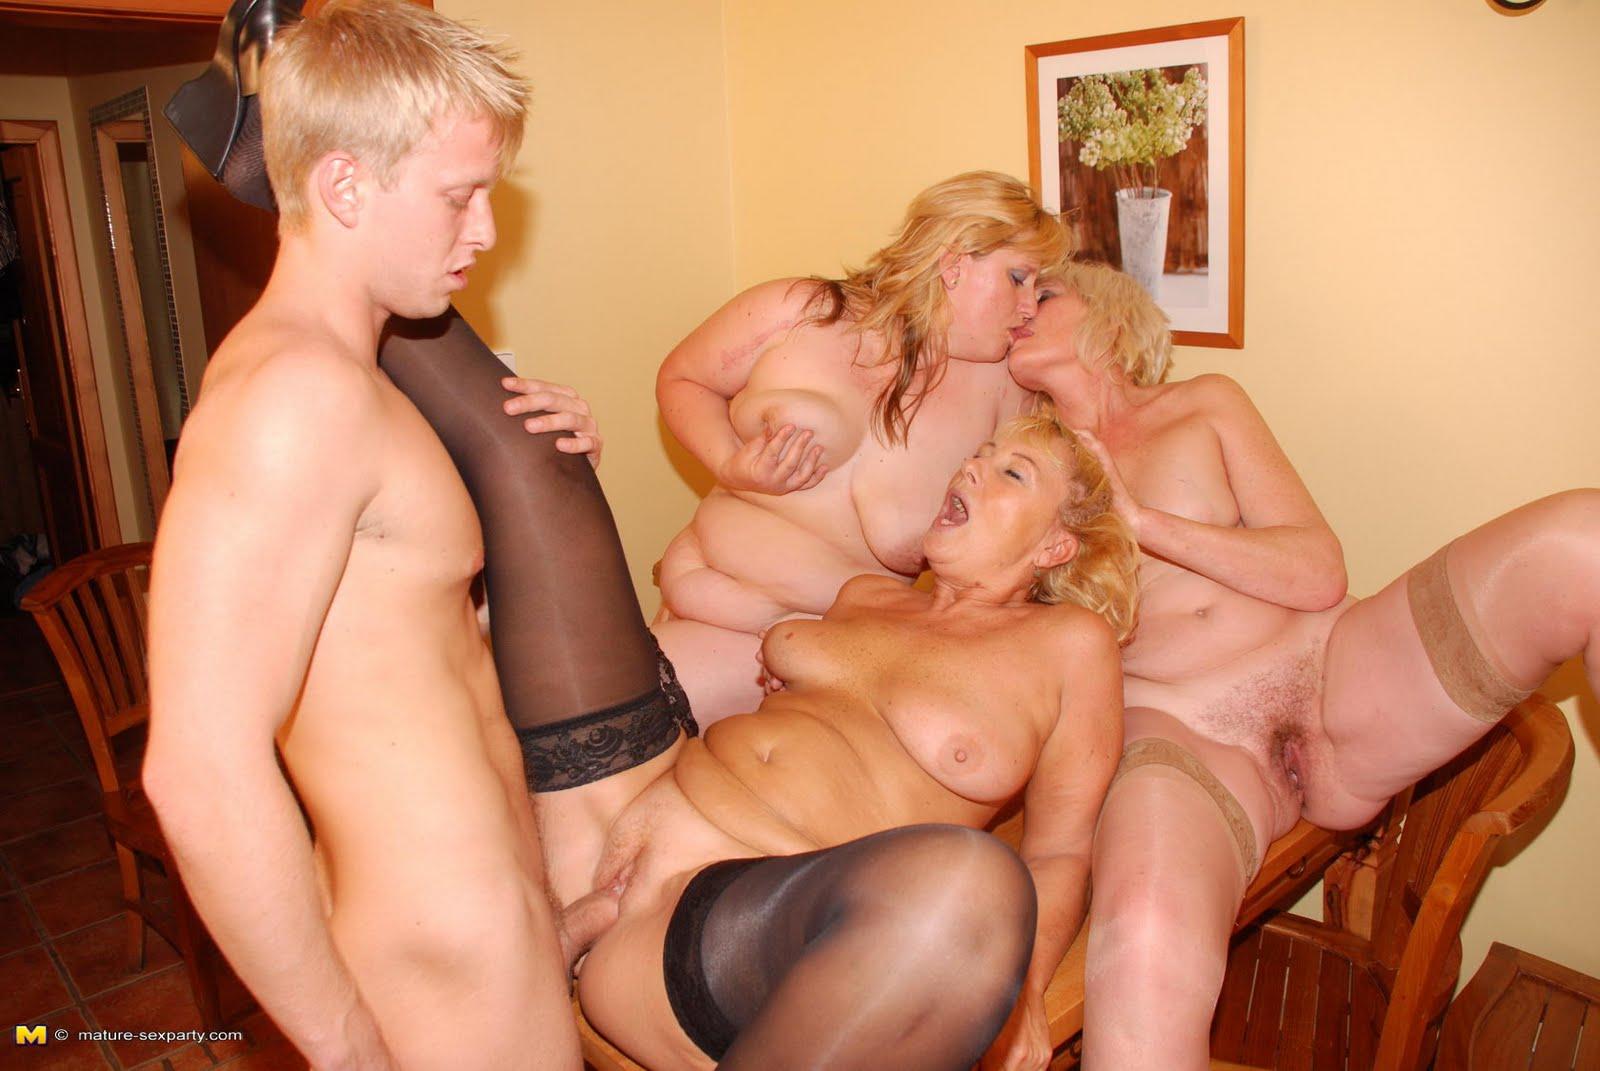 Русское порно бесплатно зрелых женщин с молодыми 4 фотография